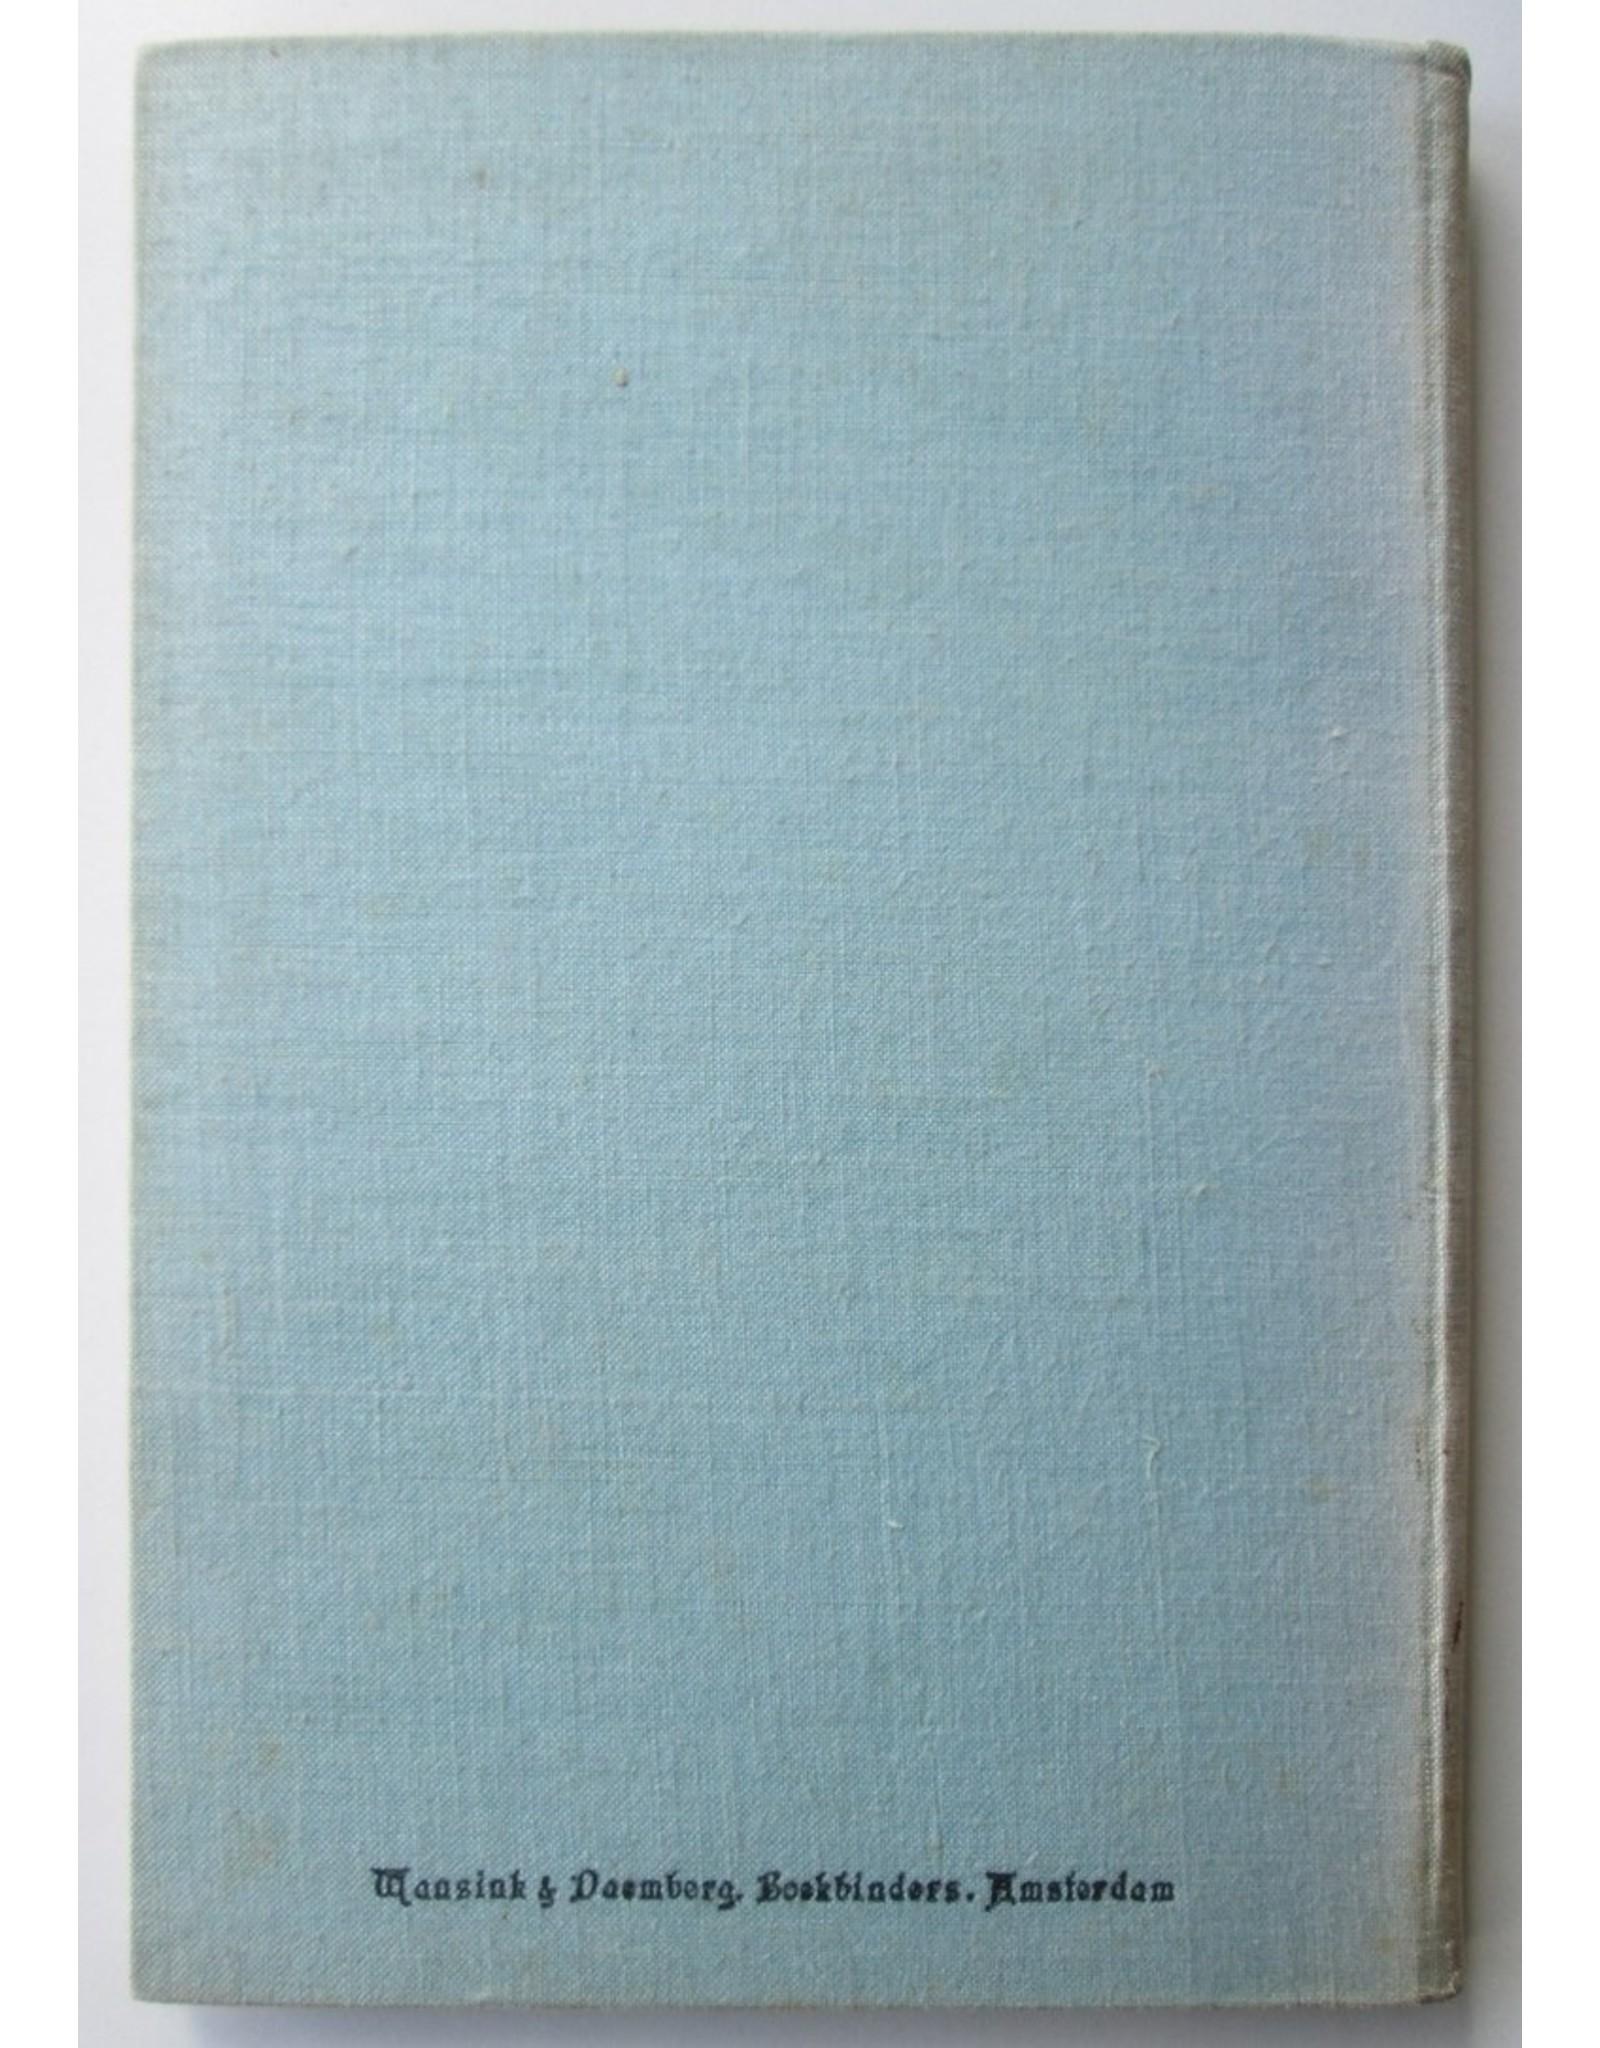 Grace Ch. Young - Bimbo: De Geschiedenis van den Ooievaar. Door Tante Willy [...], in het Nederlandsch bewerkt door Mevr. A.H.J. Nolst Trenité. Met een titelplaat en 25 figuren in den tekst